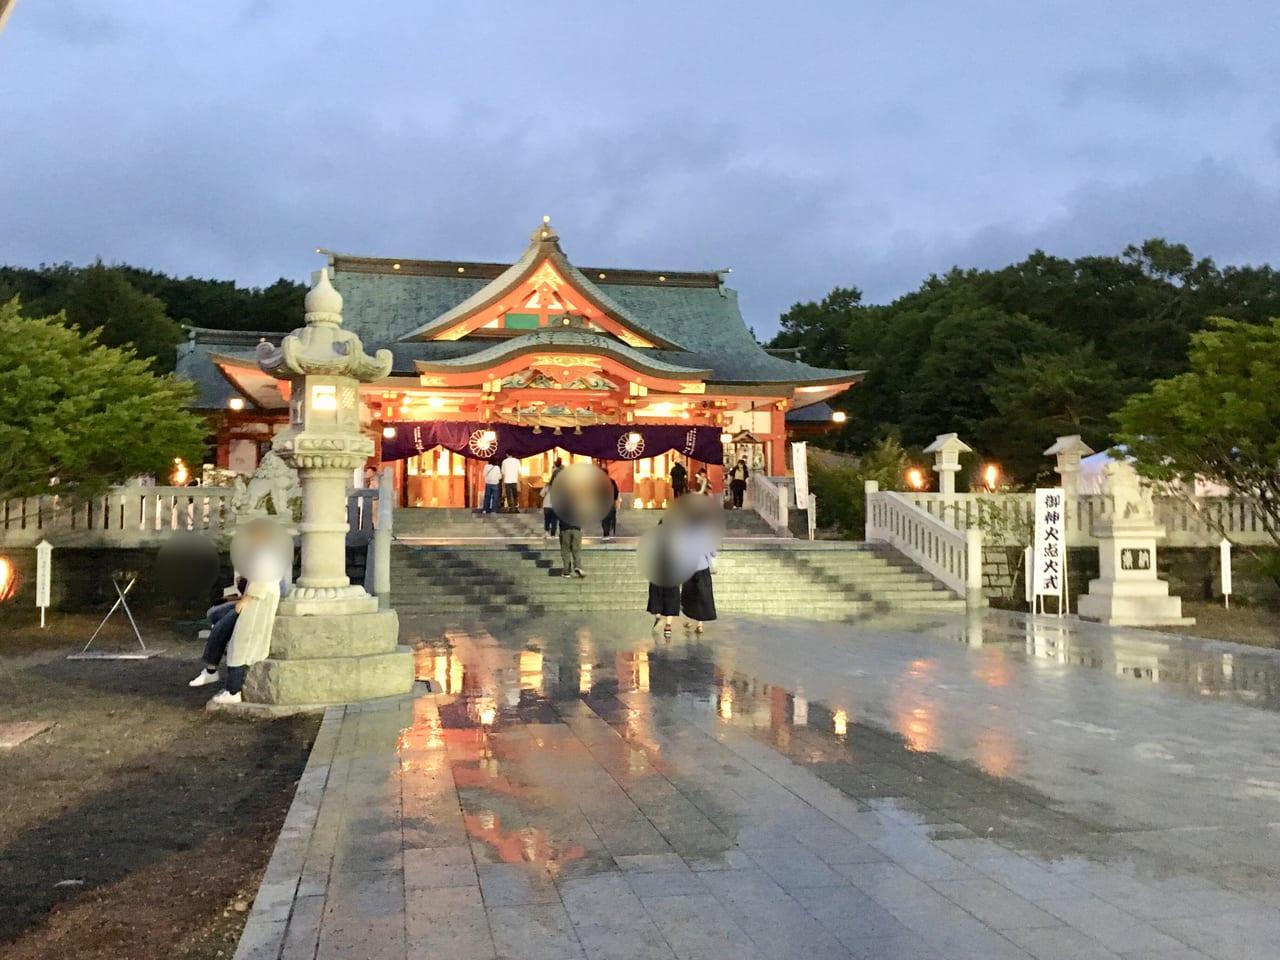 樽前山神社の本殿の様子